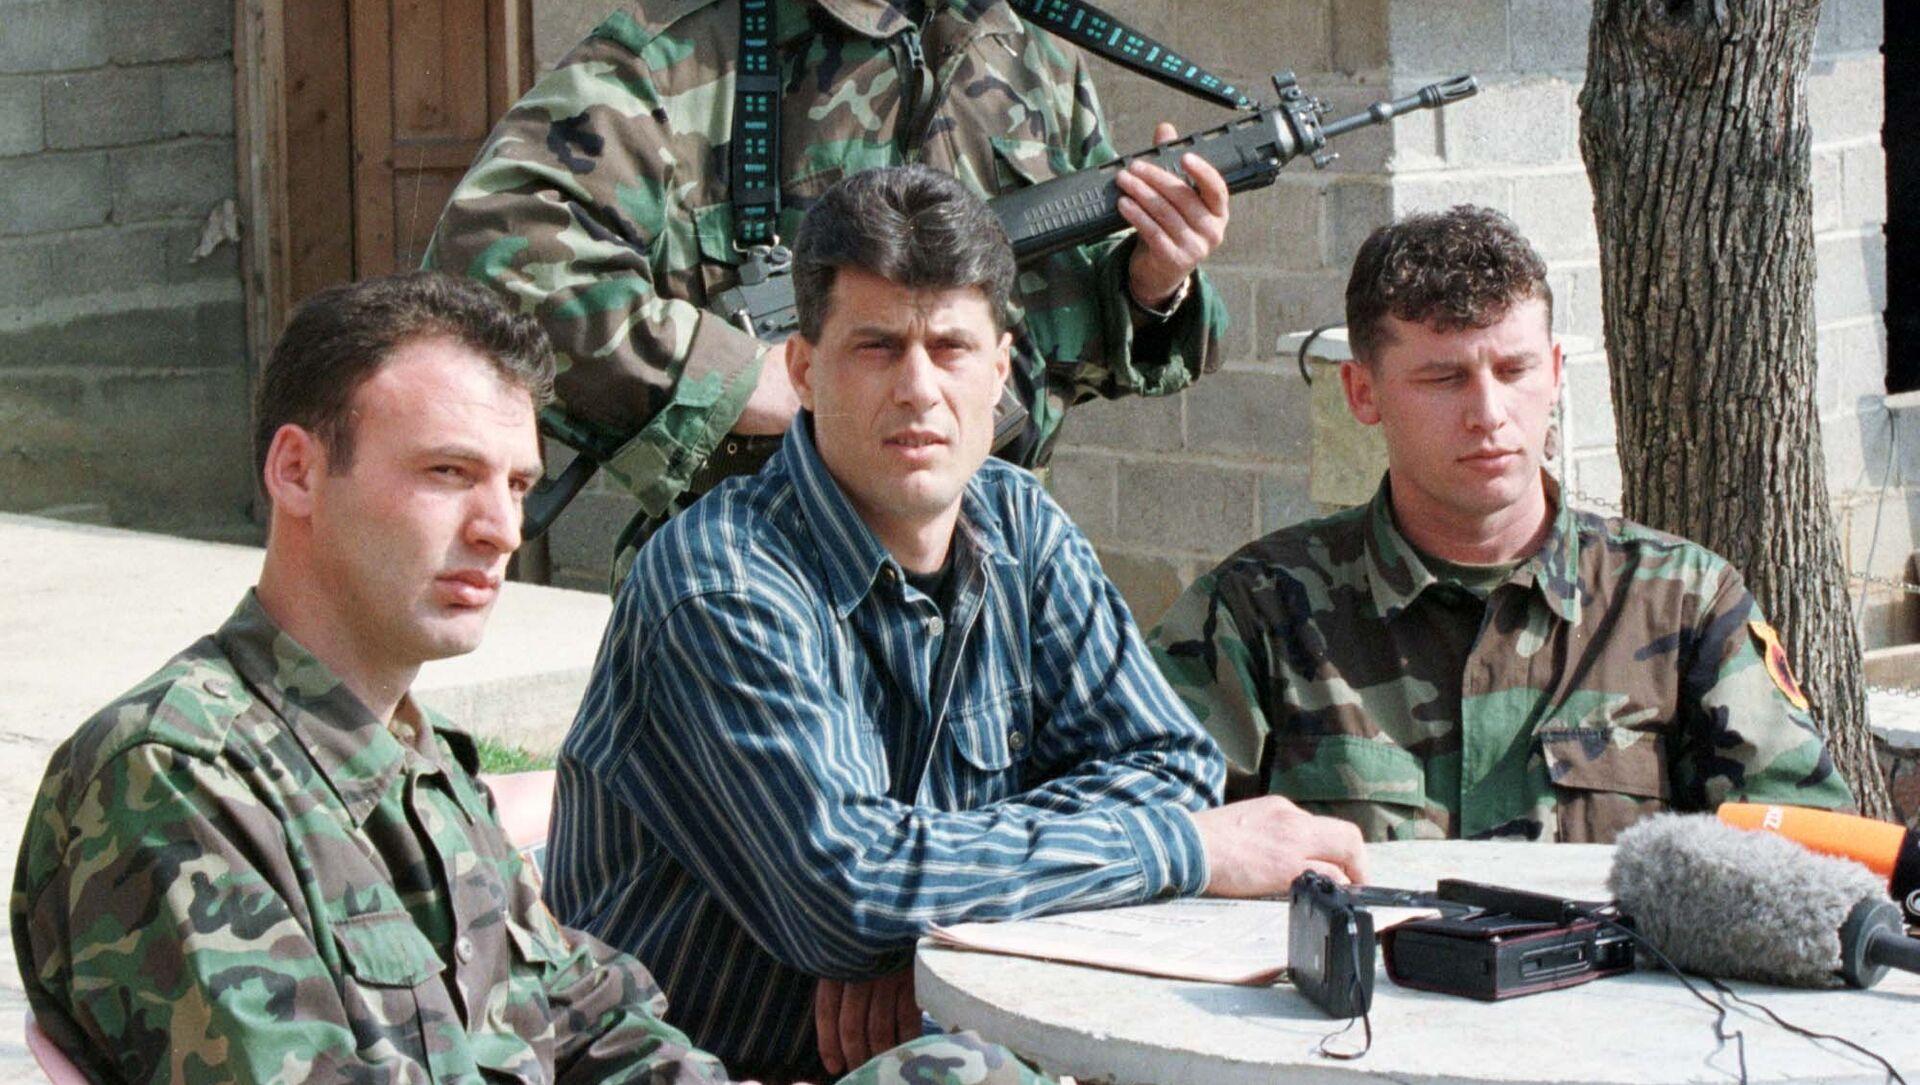 Комадант ОВК Хашим Тачи са припадницима те терористичке организације на Косову 1999. године - Sputnik Србија, 1920, 30.03.2021